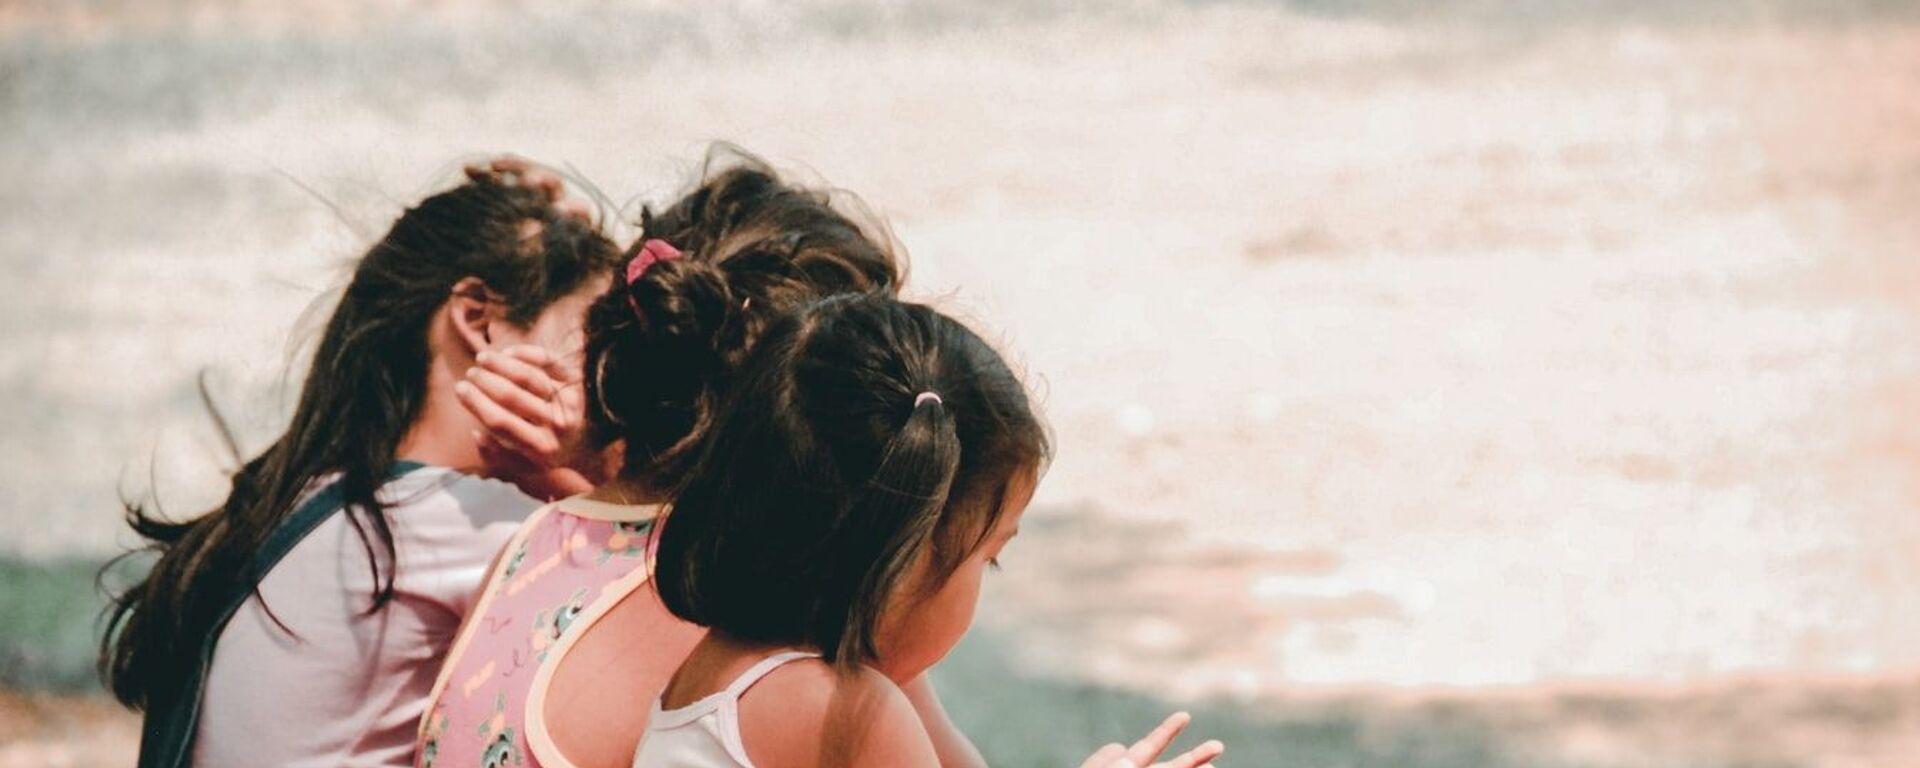 Маленькие девочки сидят на траве - Sputnik Тоҷикистон, 1920, 02.10.2020